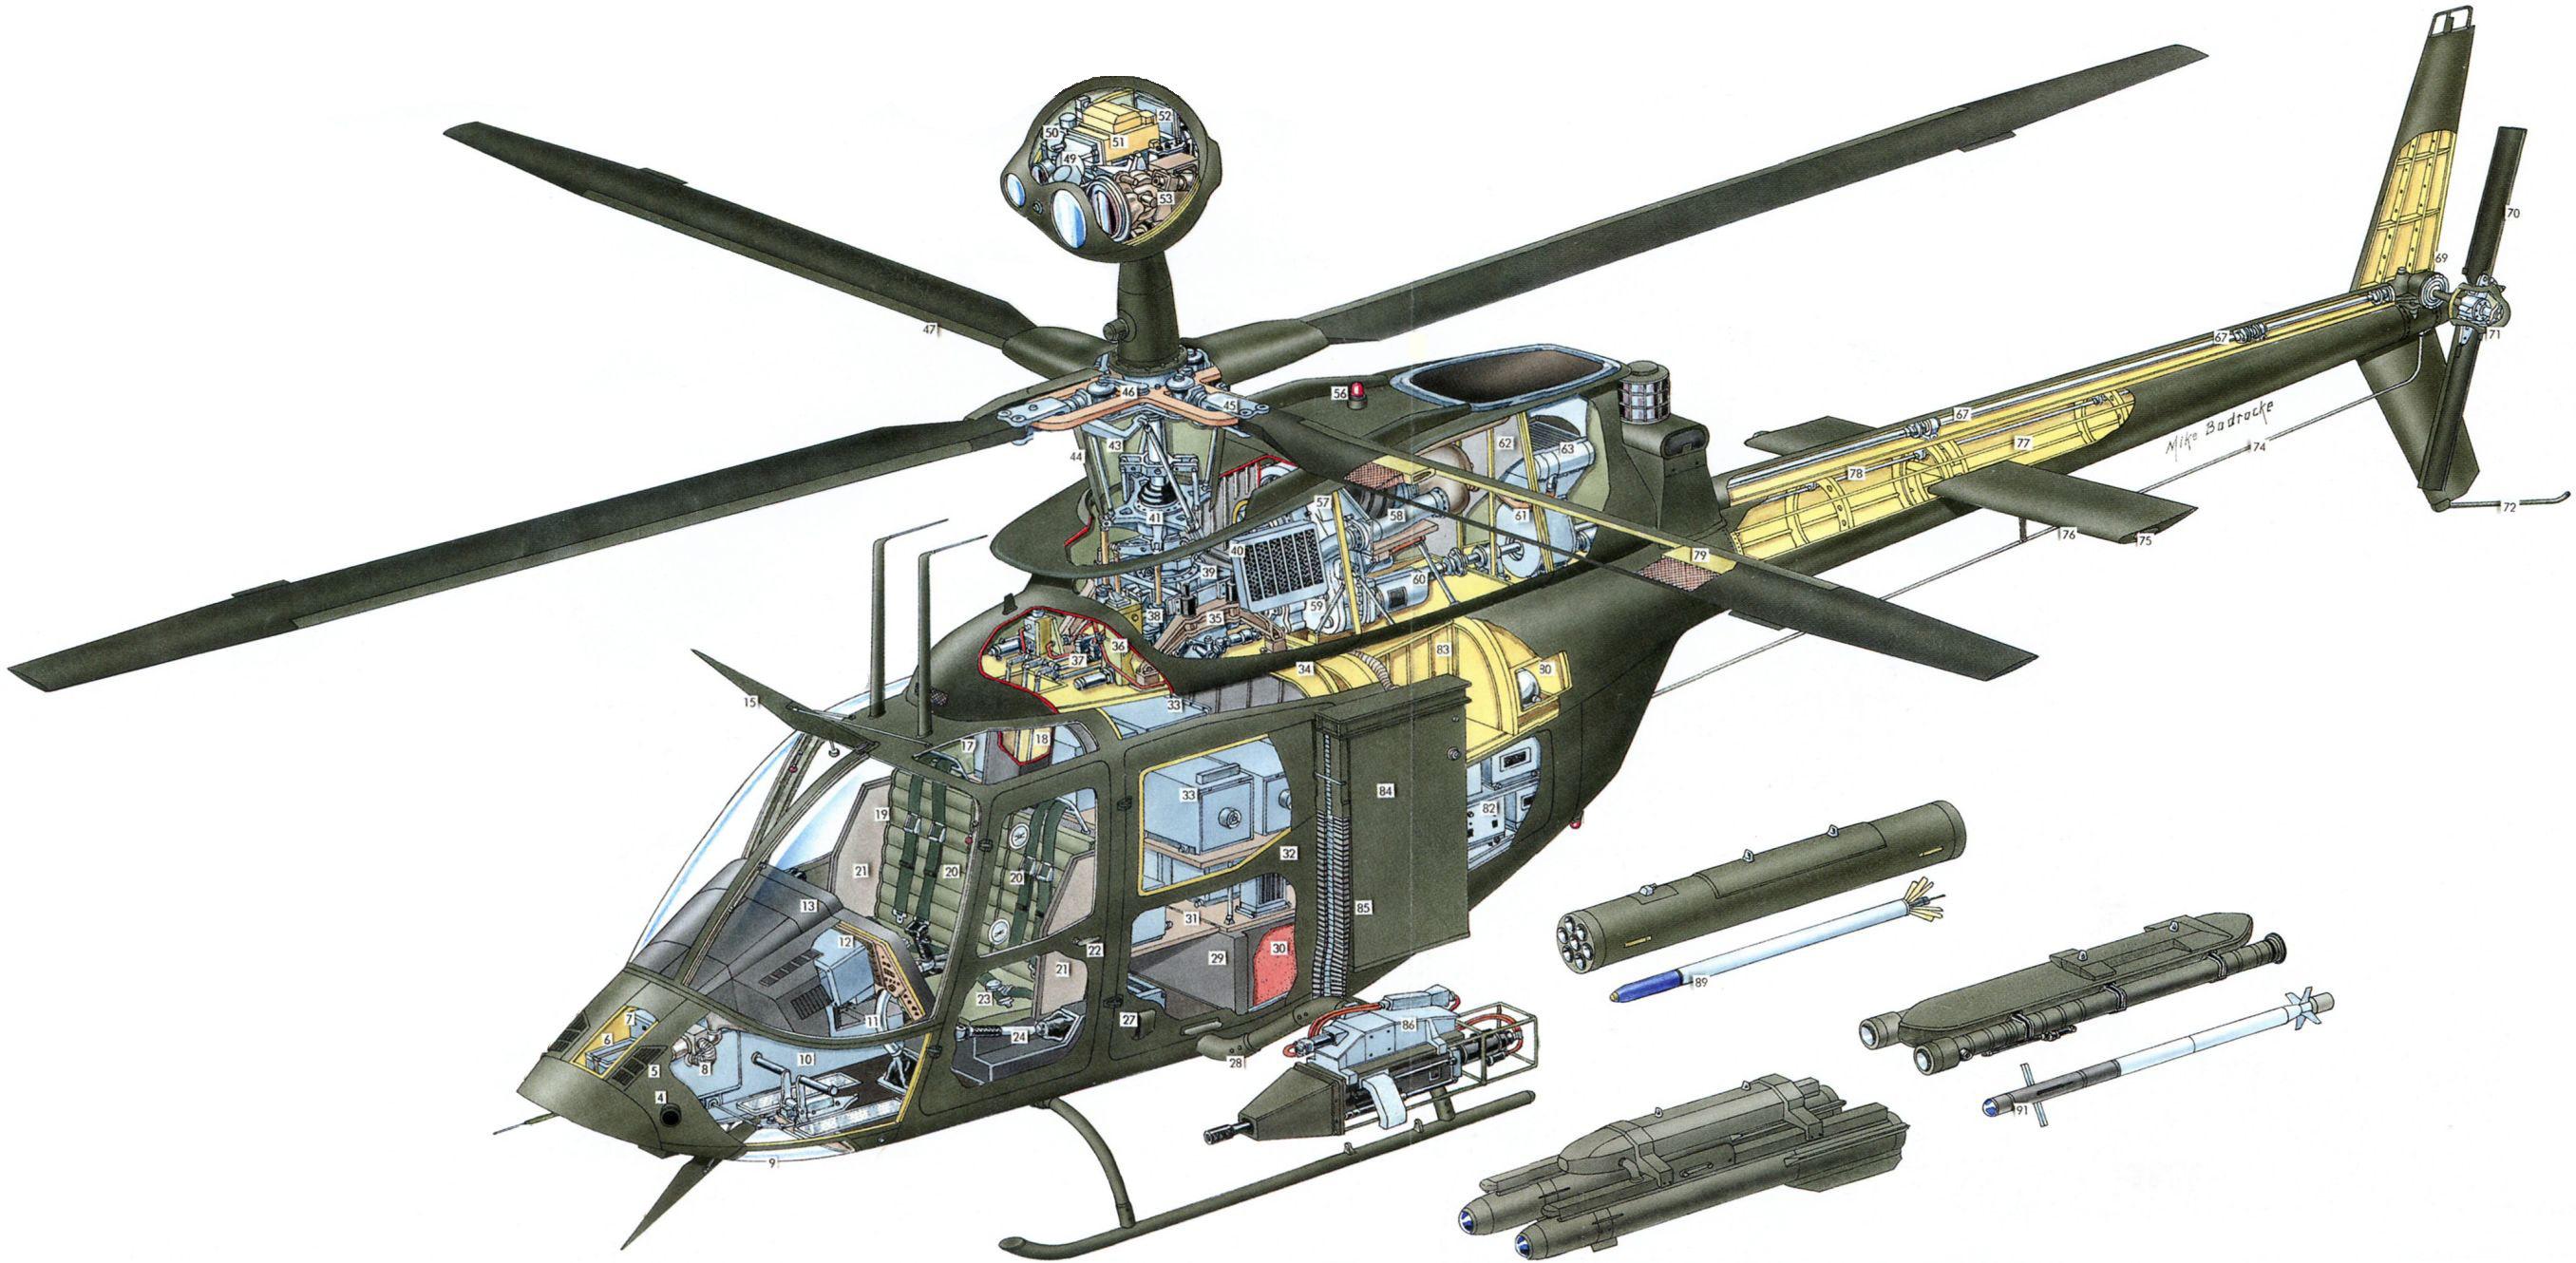 Bell OH-58 Kiowa cutaway